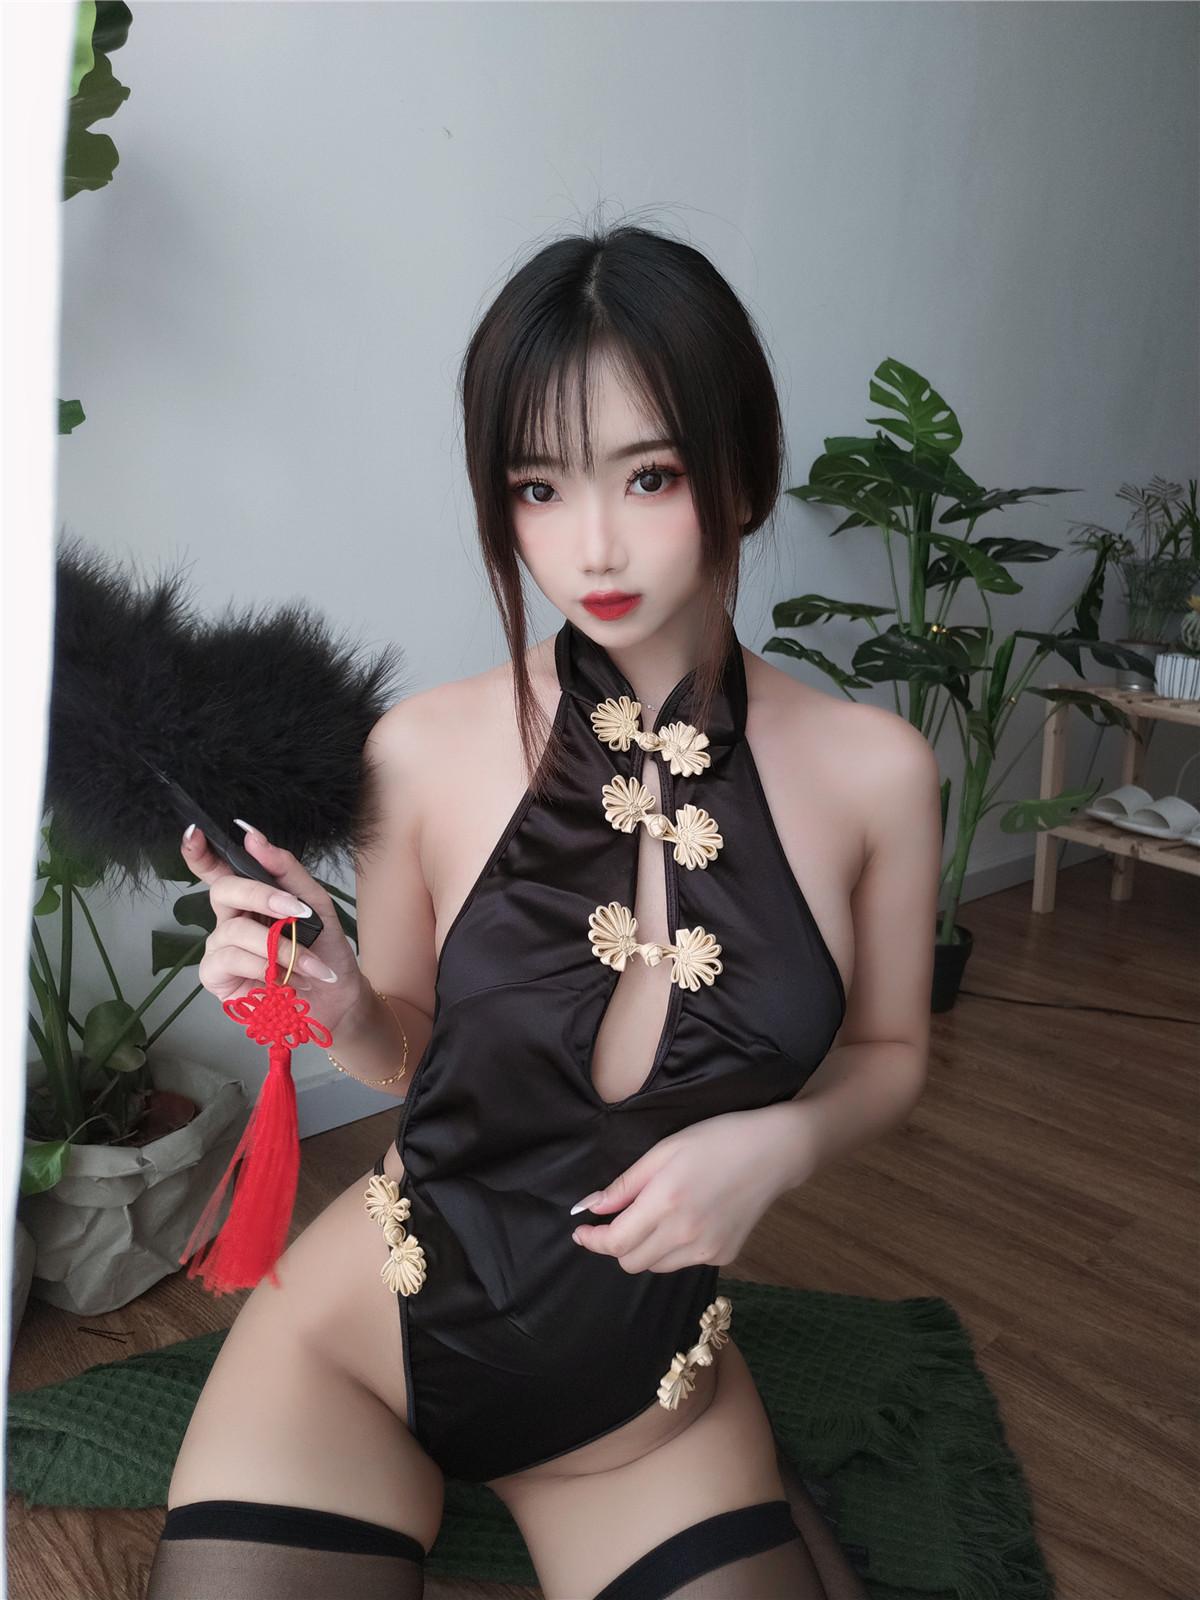 鬼畜瑶在不在w 黑色短款旗袍[35P1V-131MB]